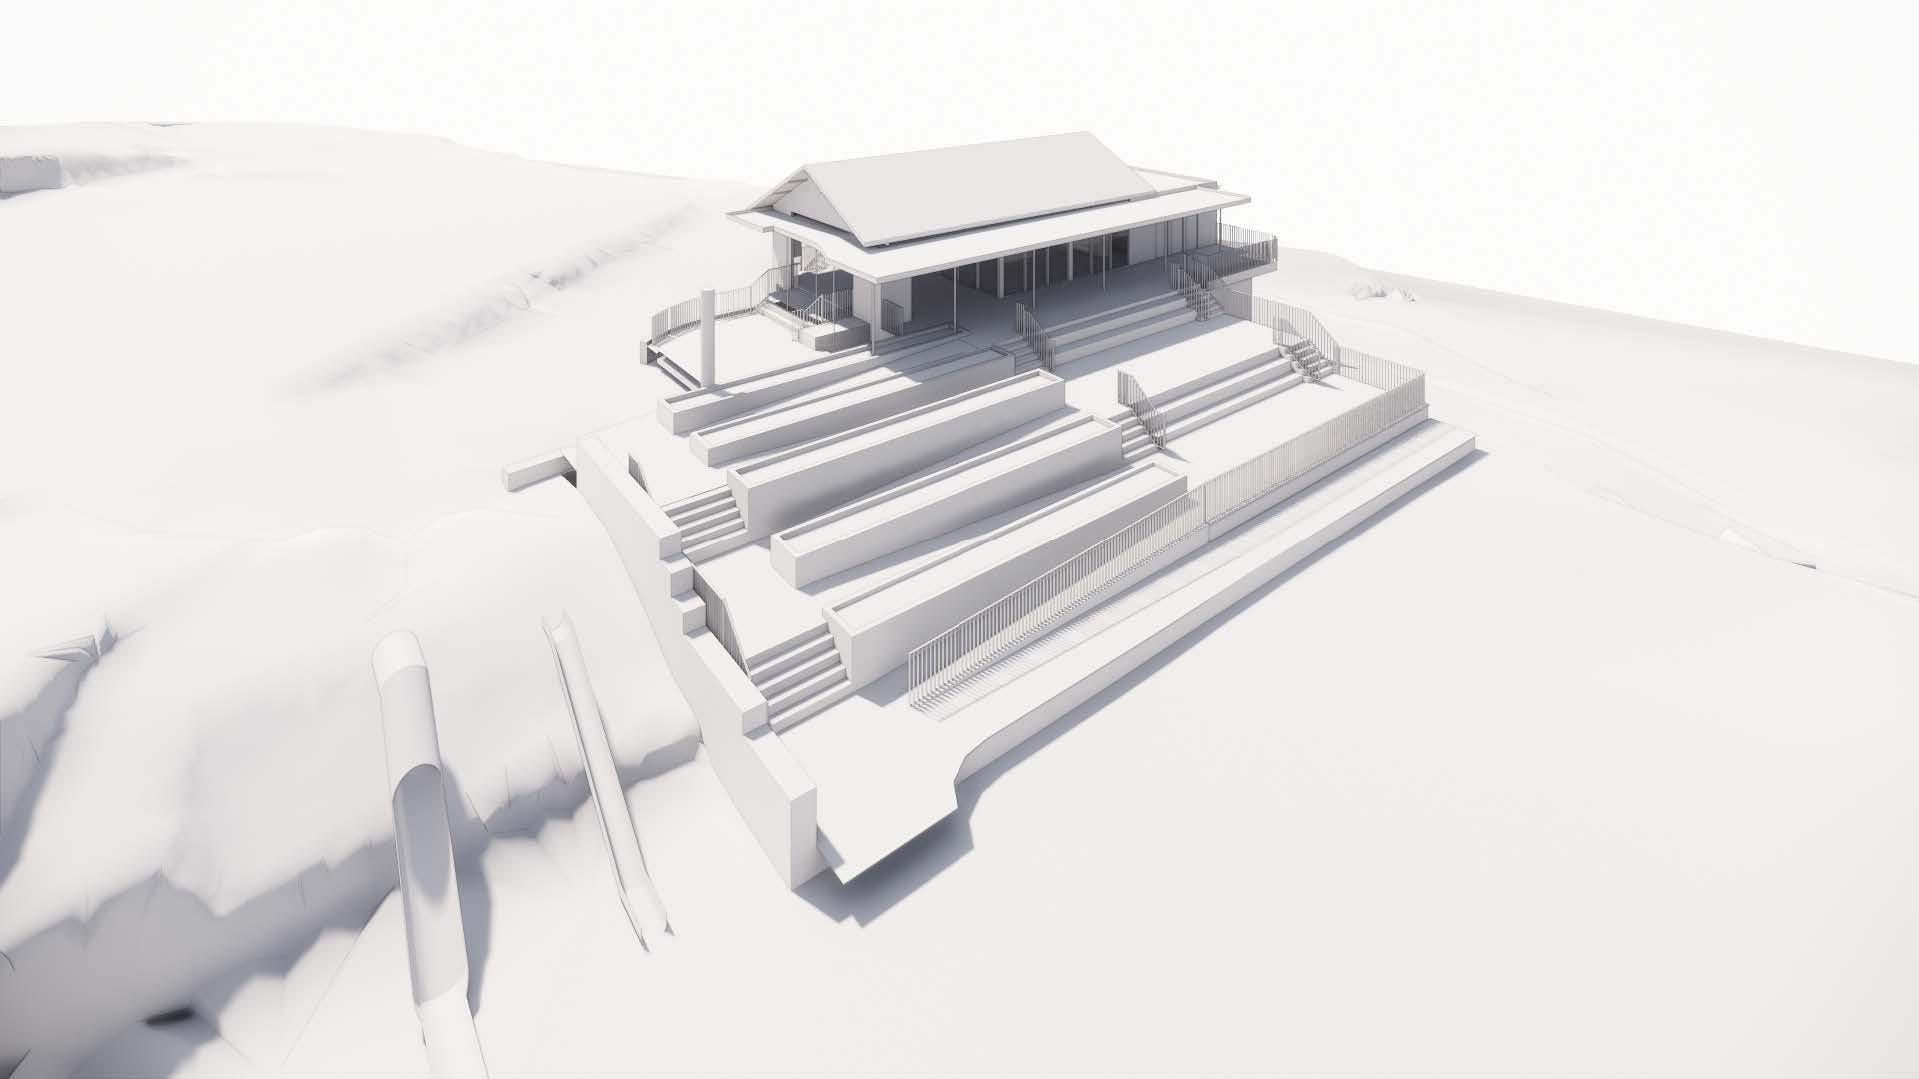 WCC_Artarmon Pavilion_3D View_Page_2.jpg